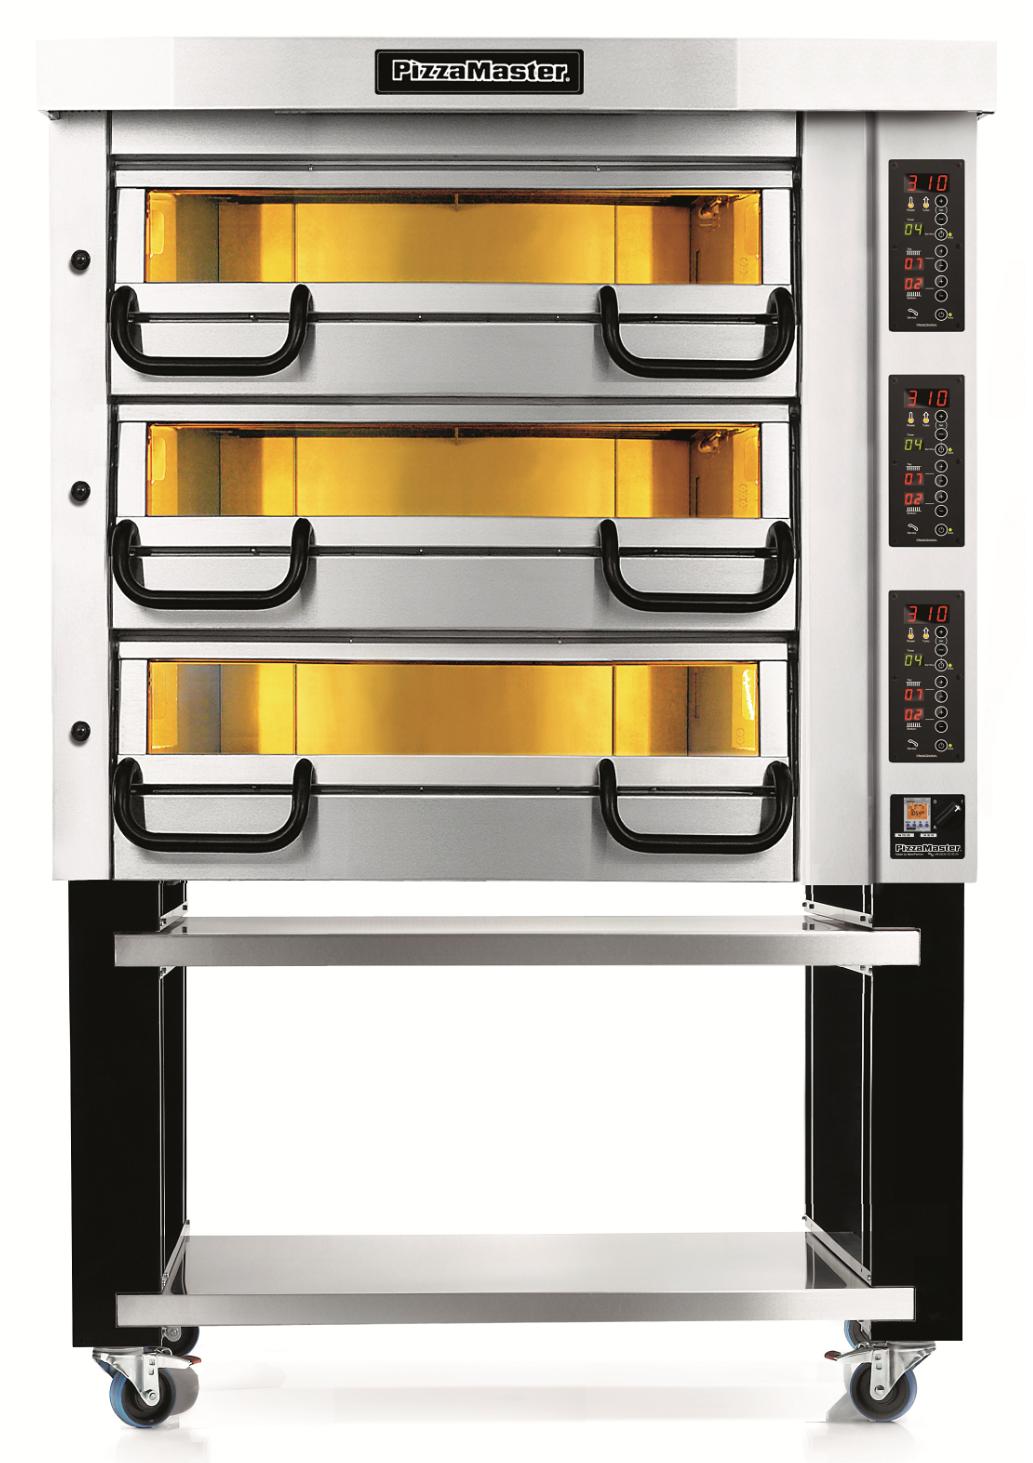 Four à pizza professionnel modulaire 3 chambres de cuisson